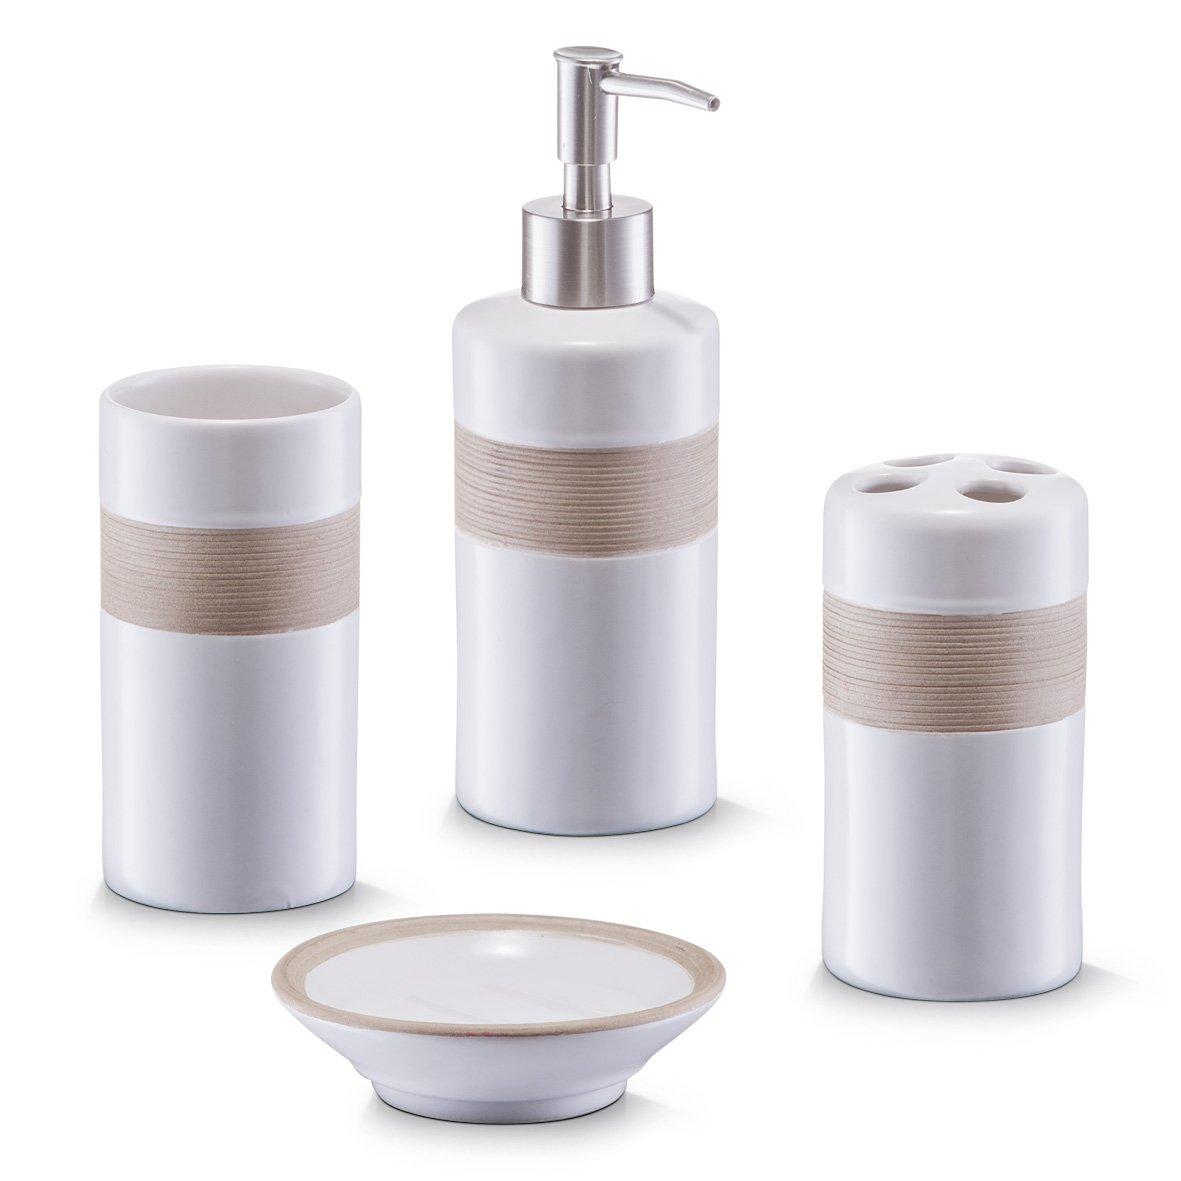 set di accessori per il bagno | amazon.it - Componenti Arredo Bagno